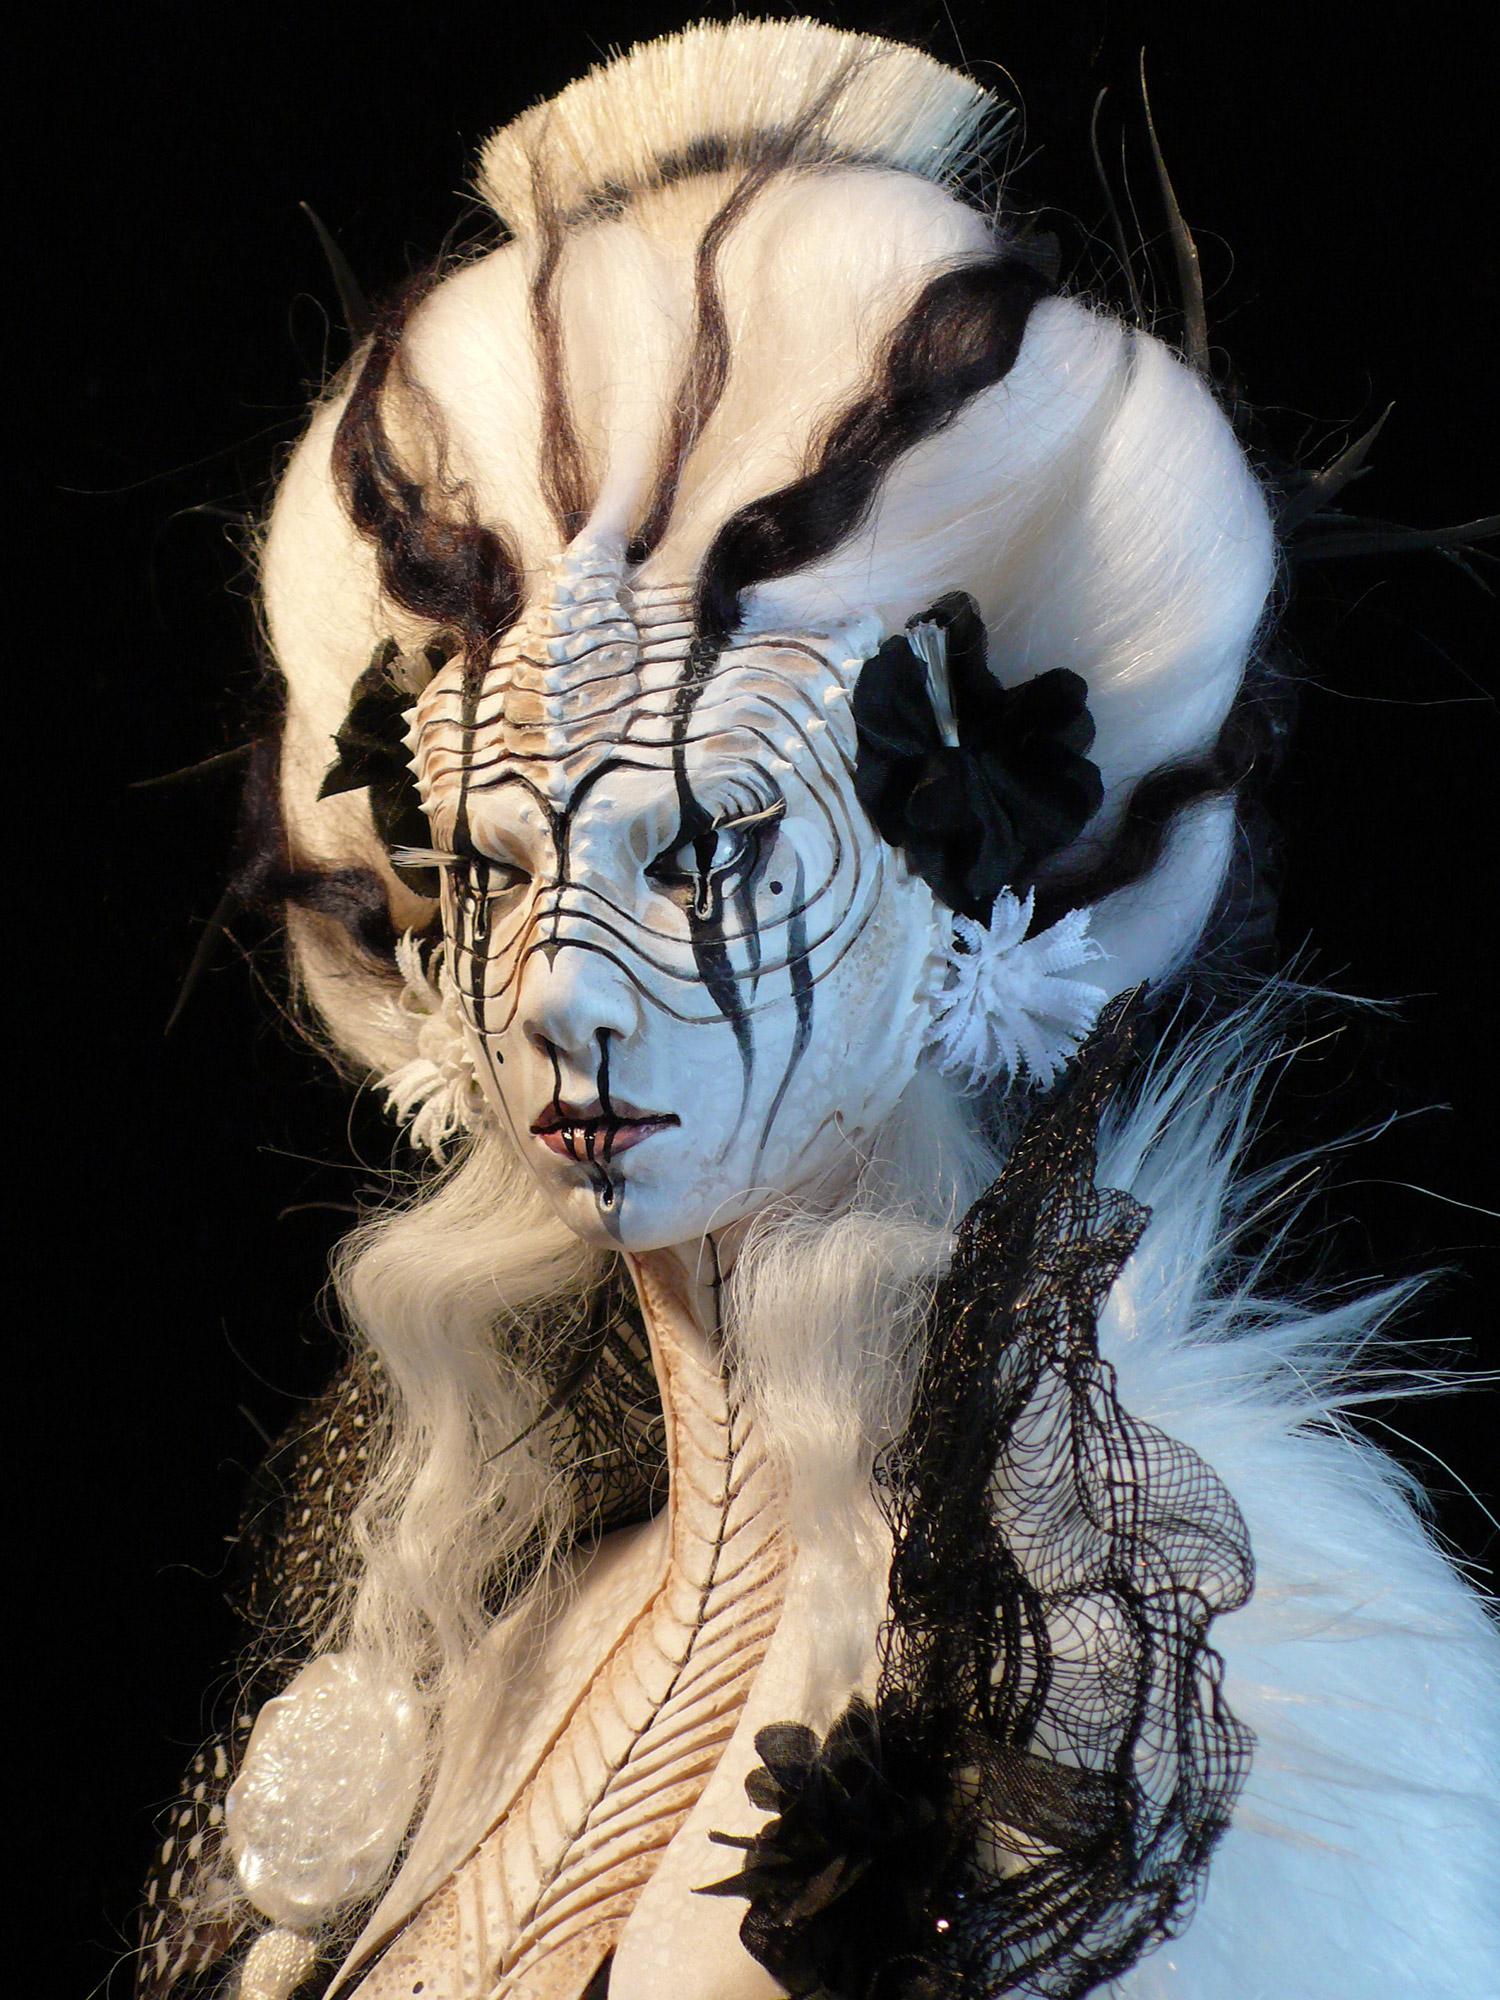 Virginie Ropars - ZLobster doll sculpture